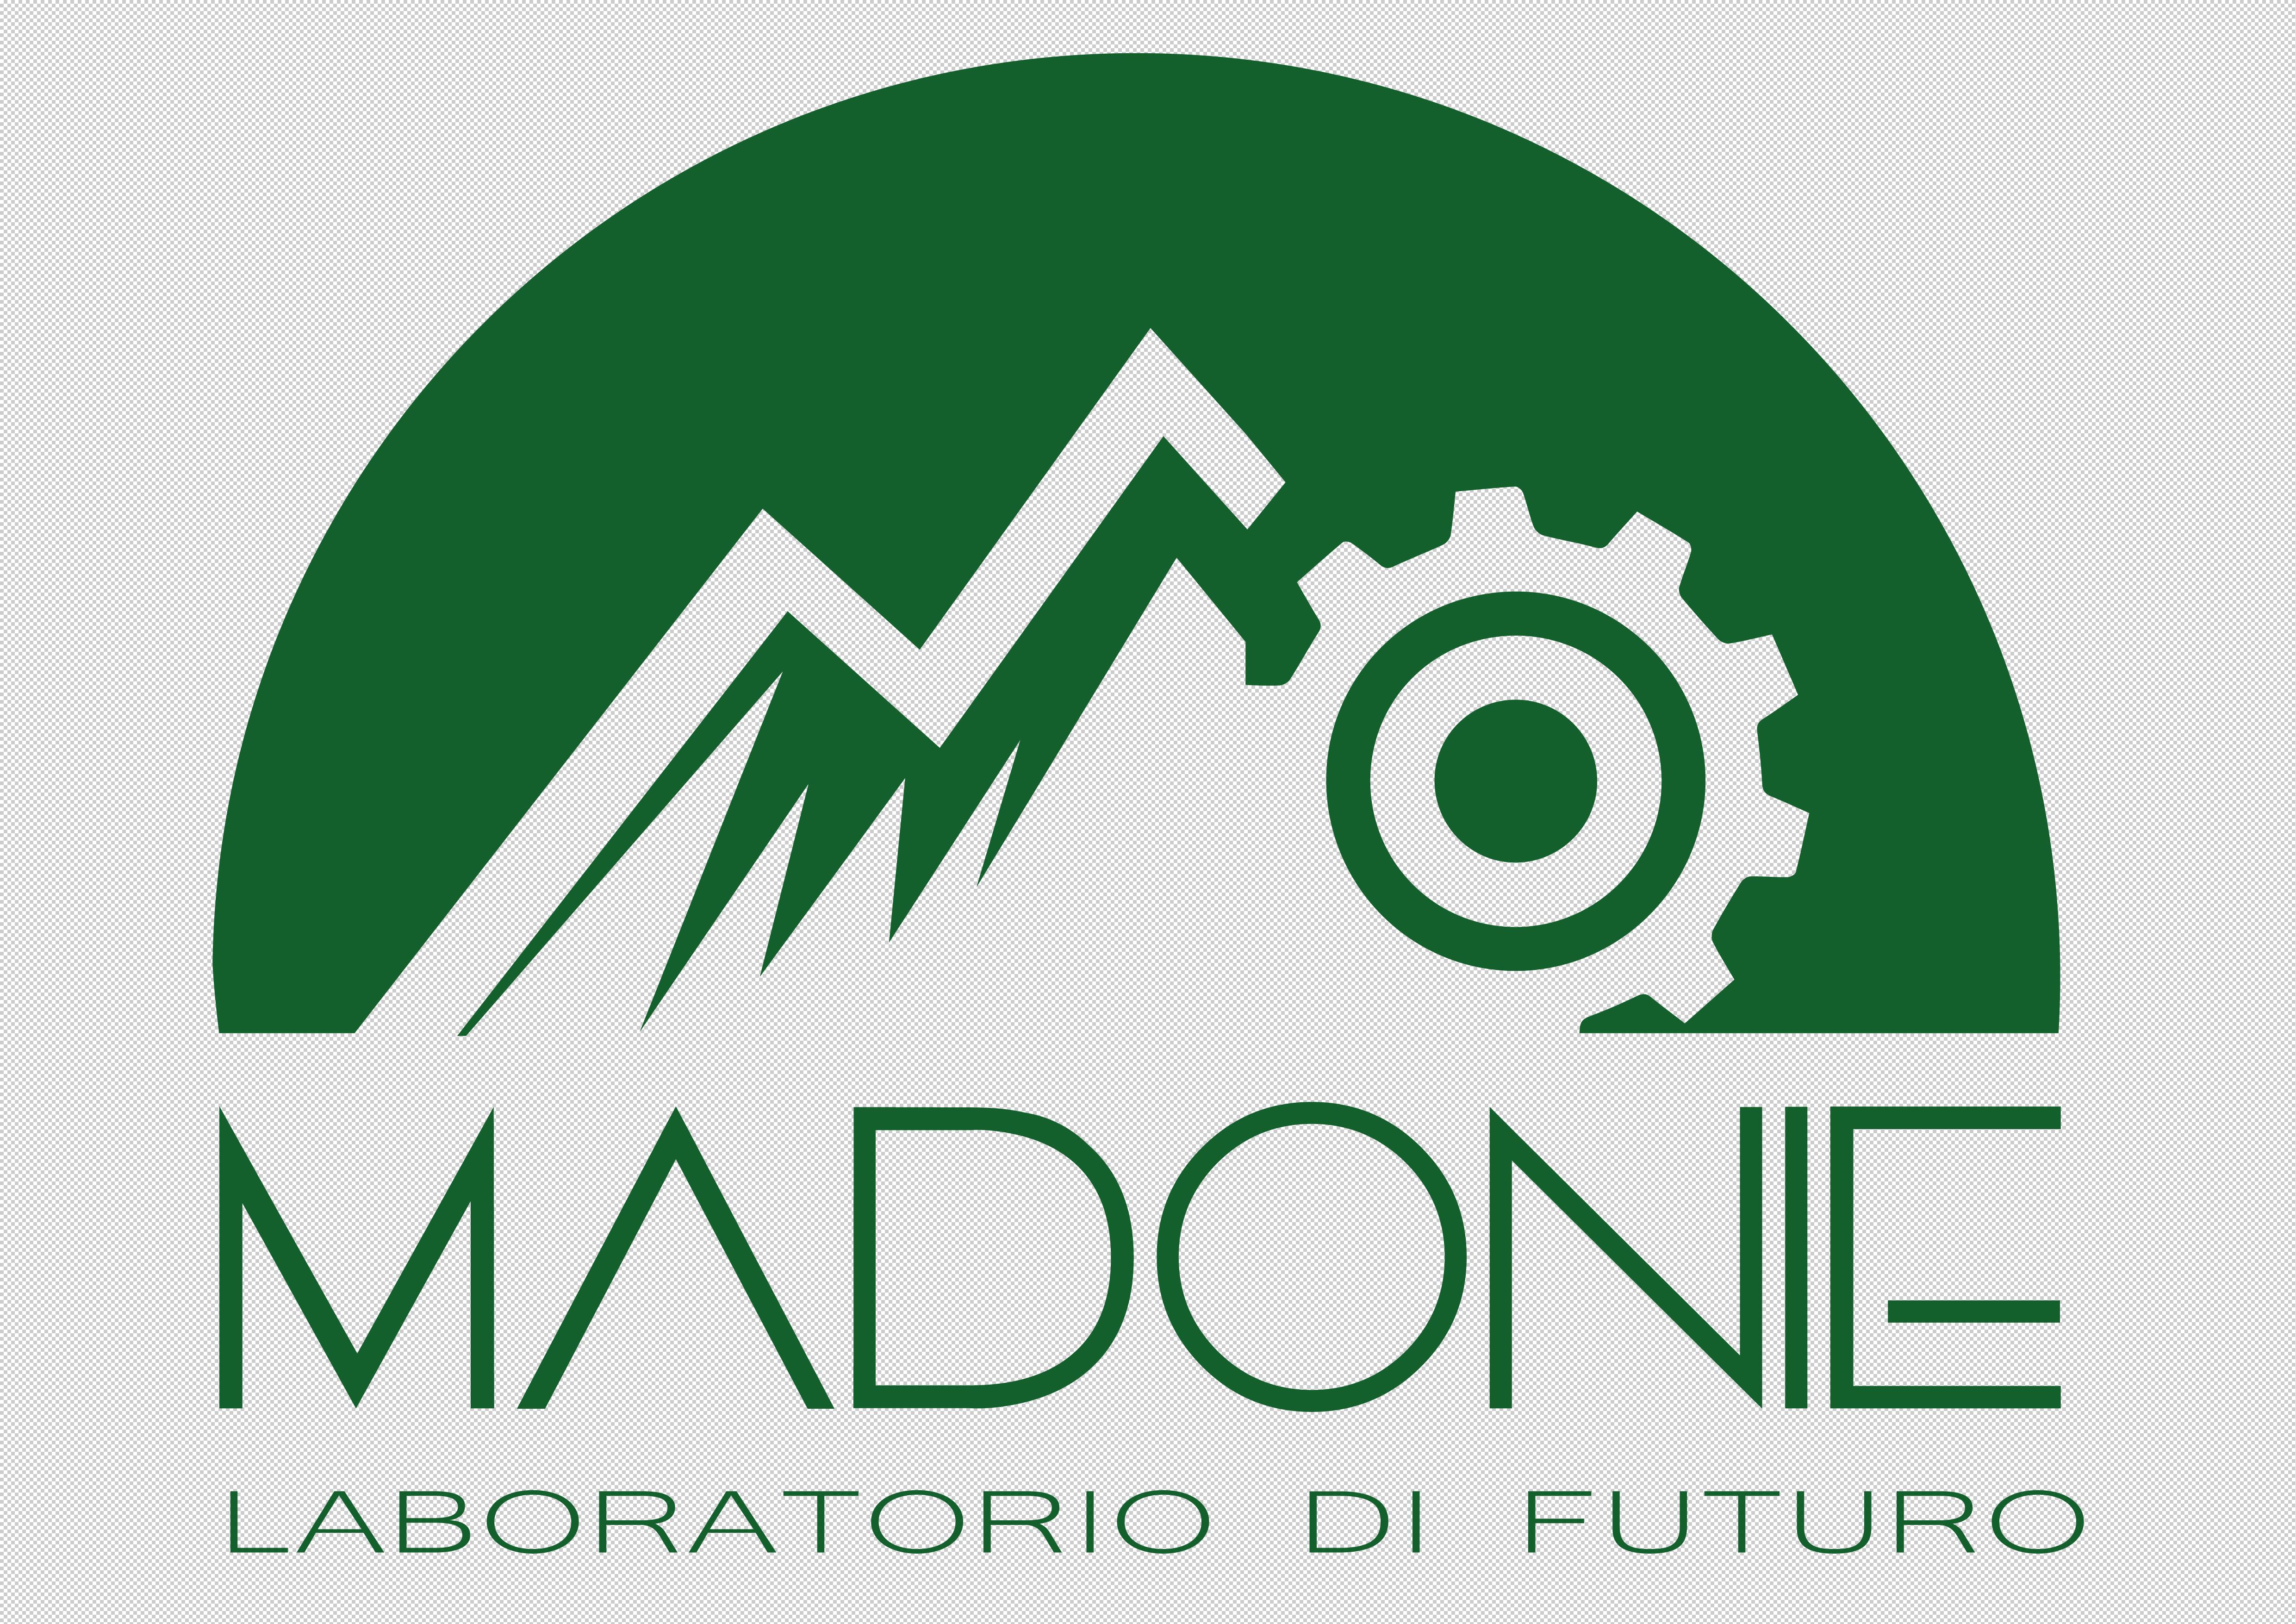 Unione delle Madonie, fare sistema per dar slancio al turismo